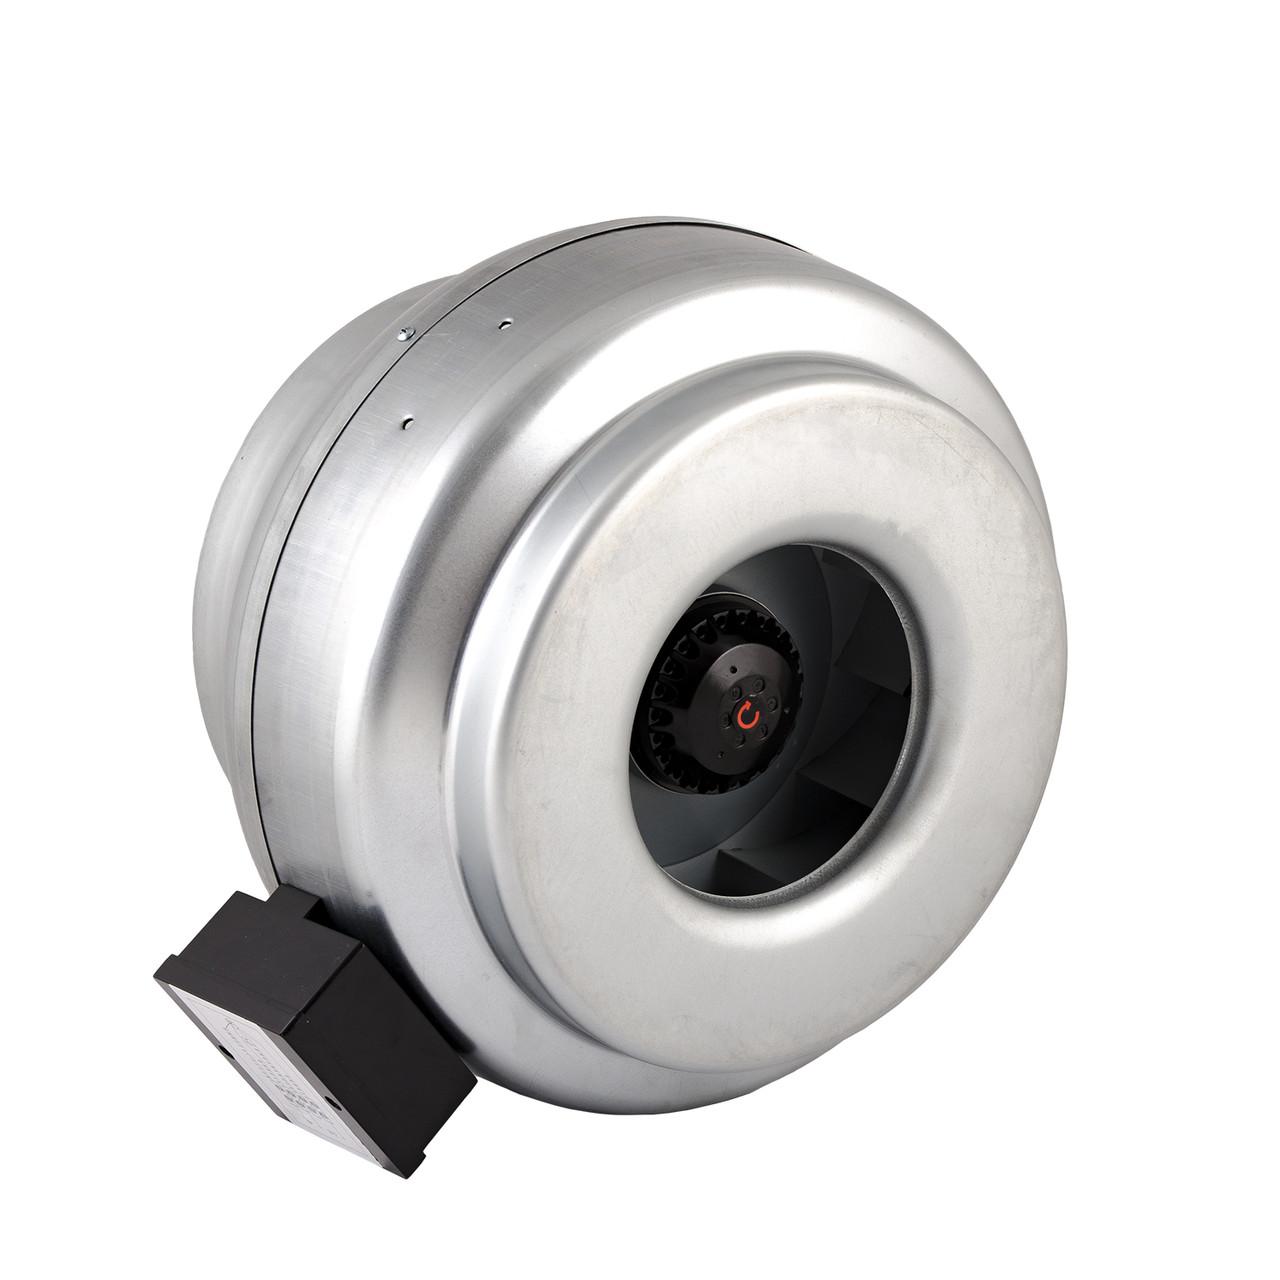 Канальный вентилятор Турбовент ВК 200 (990 м³/ч - 440 Па)